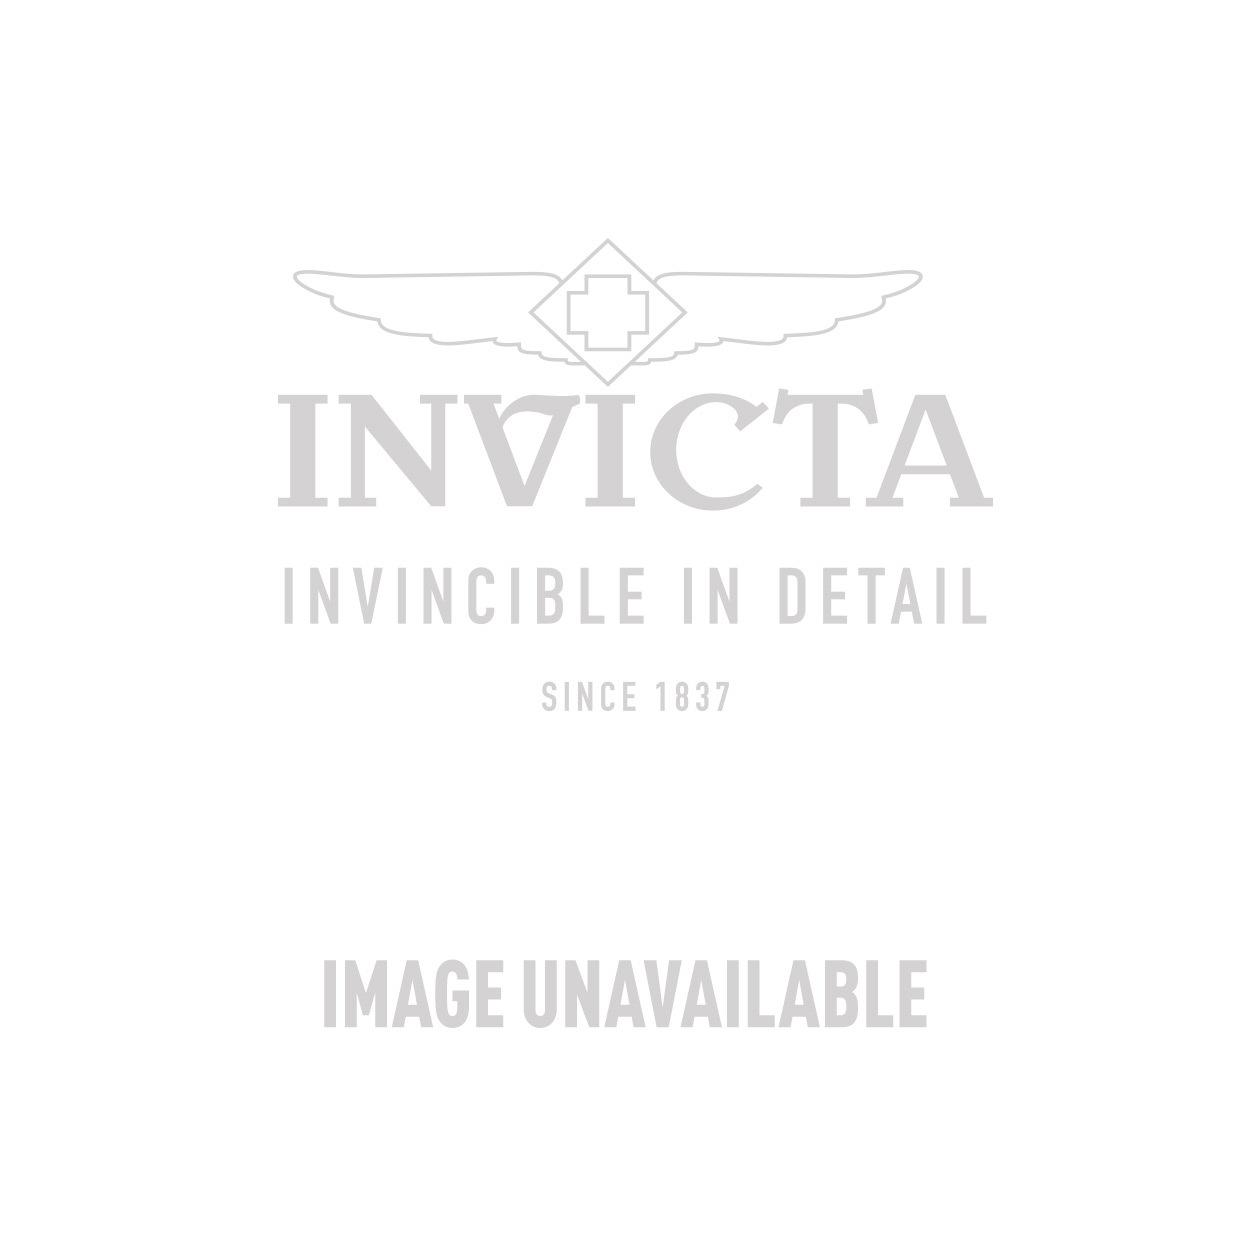 Invicta Model 25861